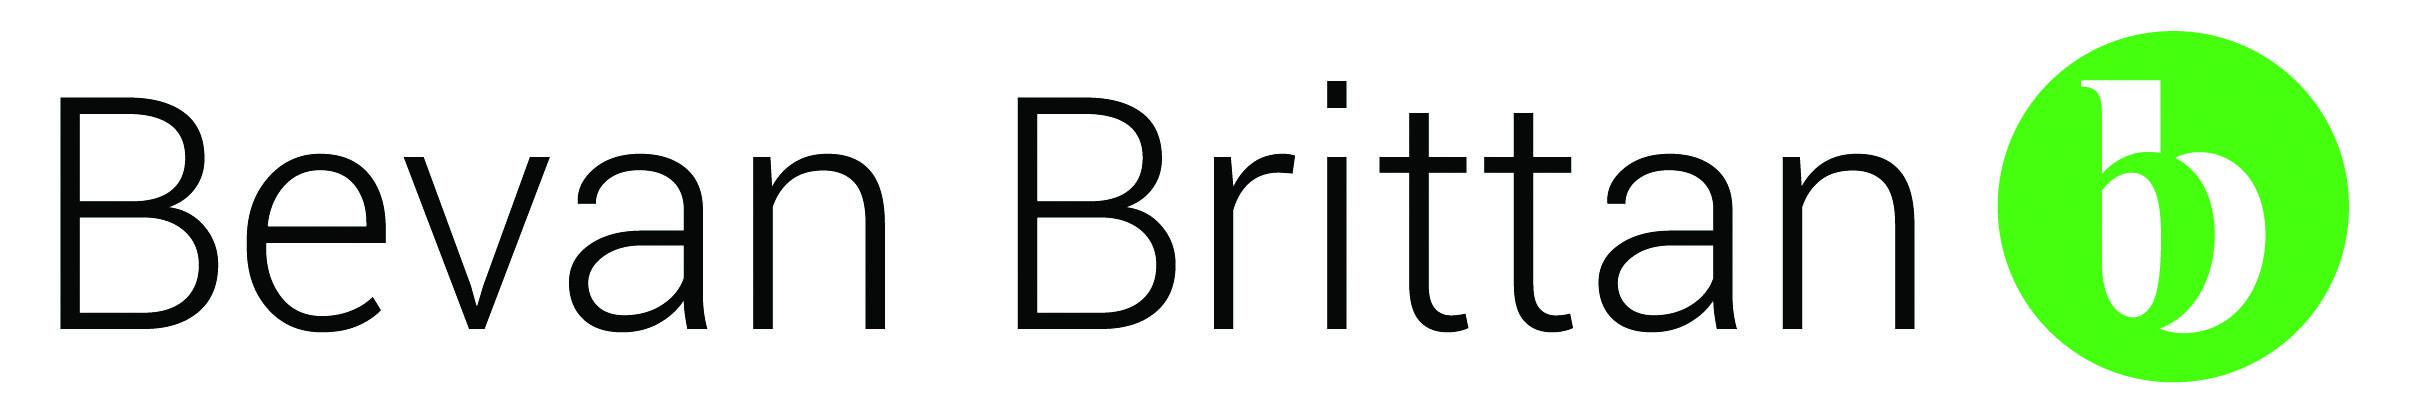 bevan brittan.jpg